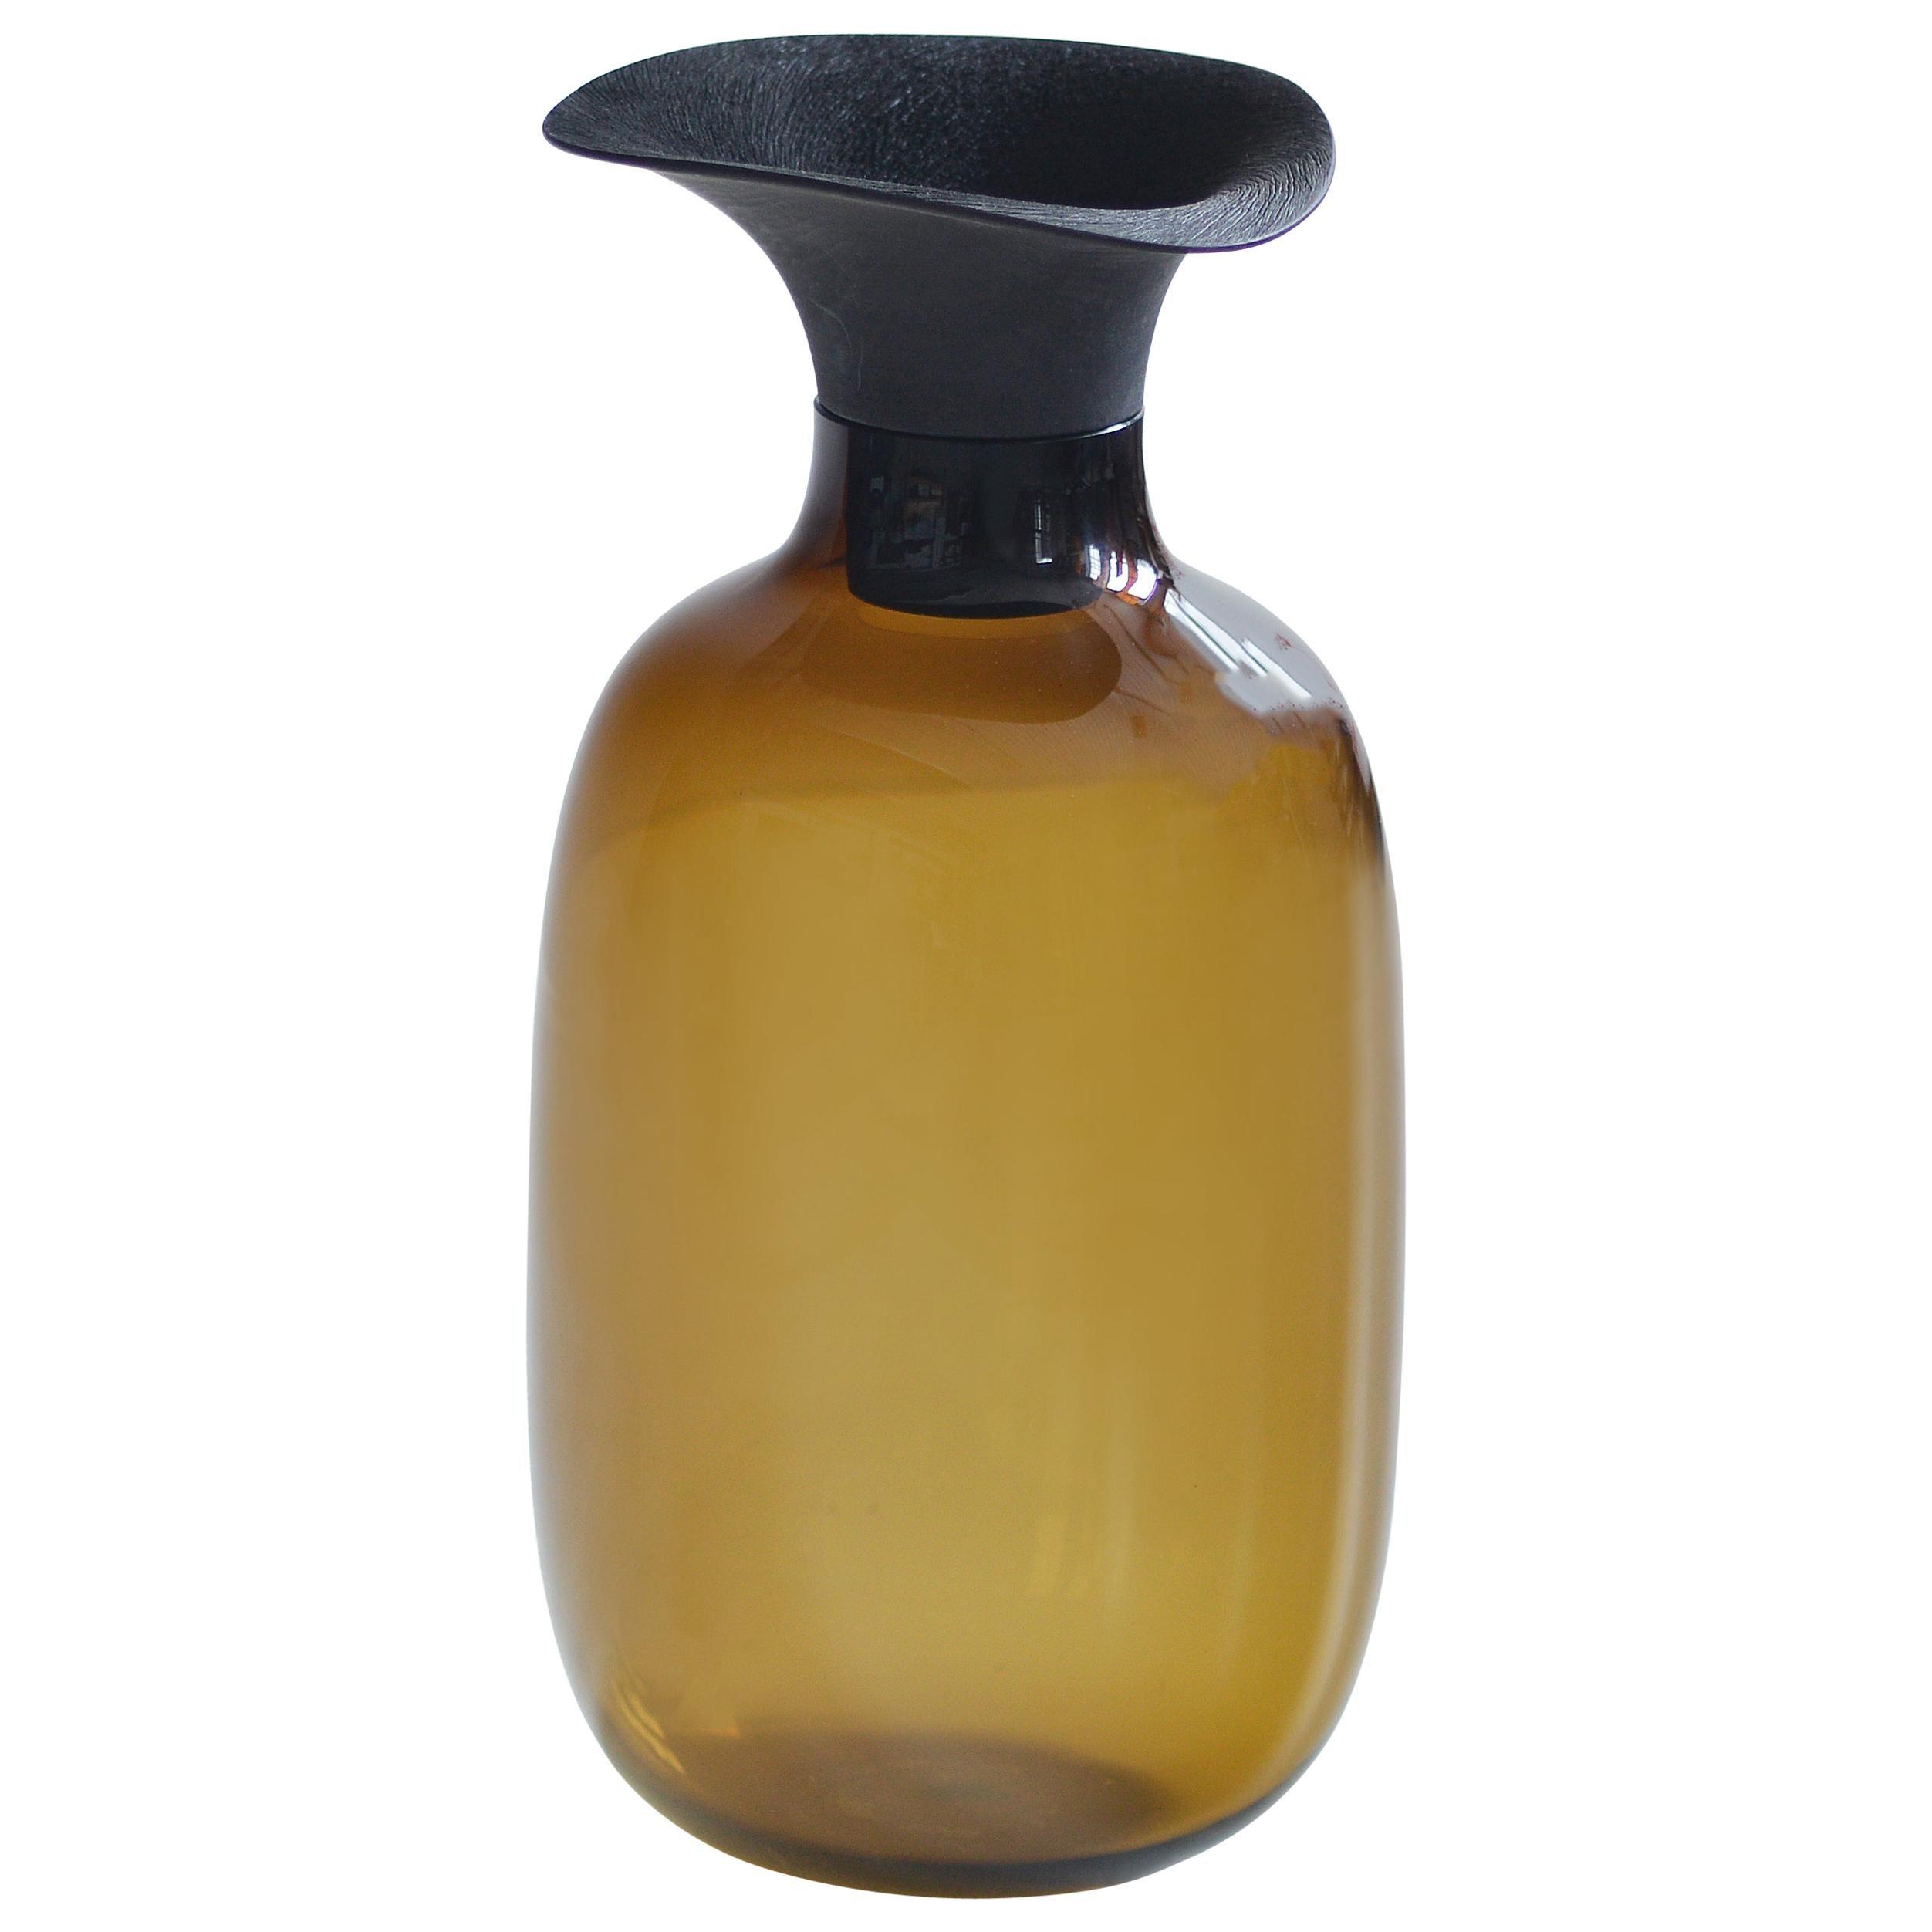 Vieno Bottle with Medium Wooden Cap by Antrei Hartikainen and Katriina Nuutinen